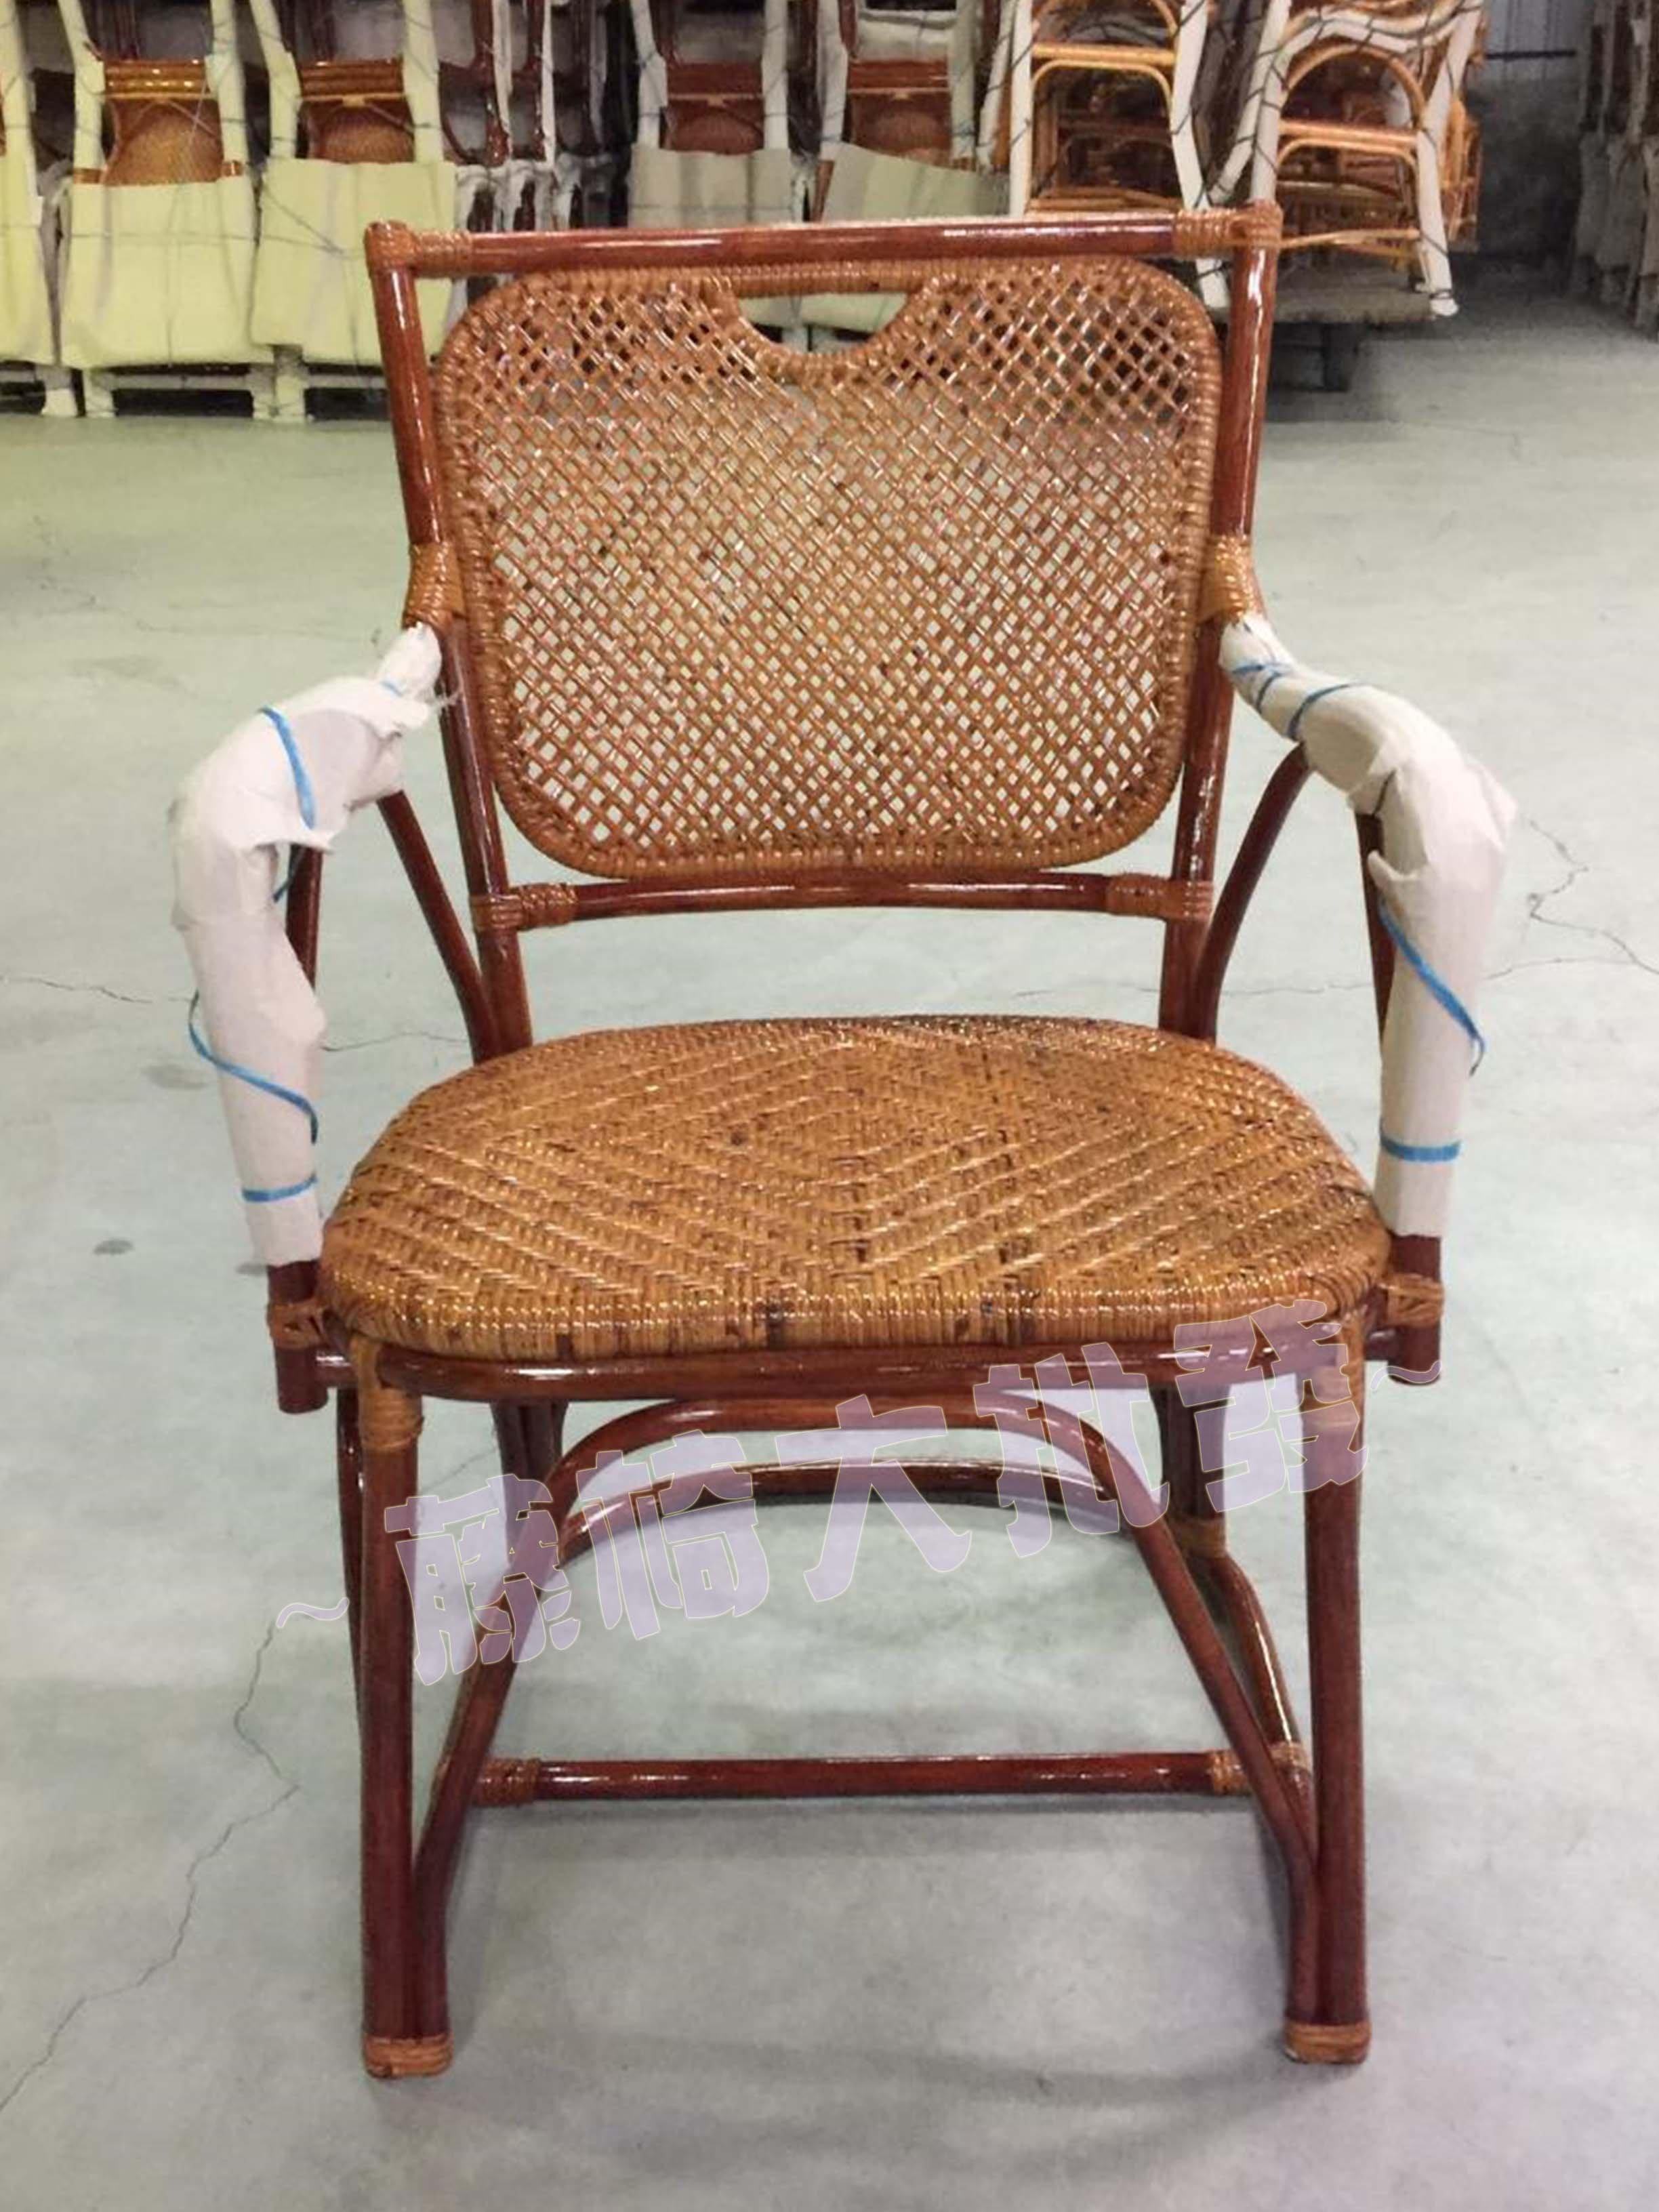 【藤椅批發零售】籐椅-日式和室椅-泡茶椅-客廳椅-餐廳椅-房間椅-有扶手-工廠直營